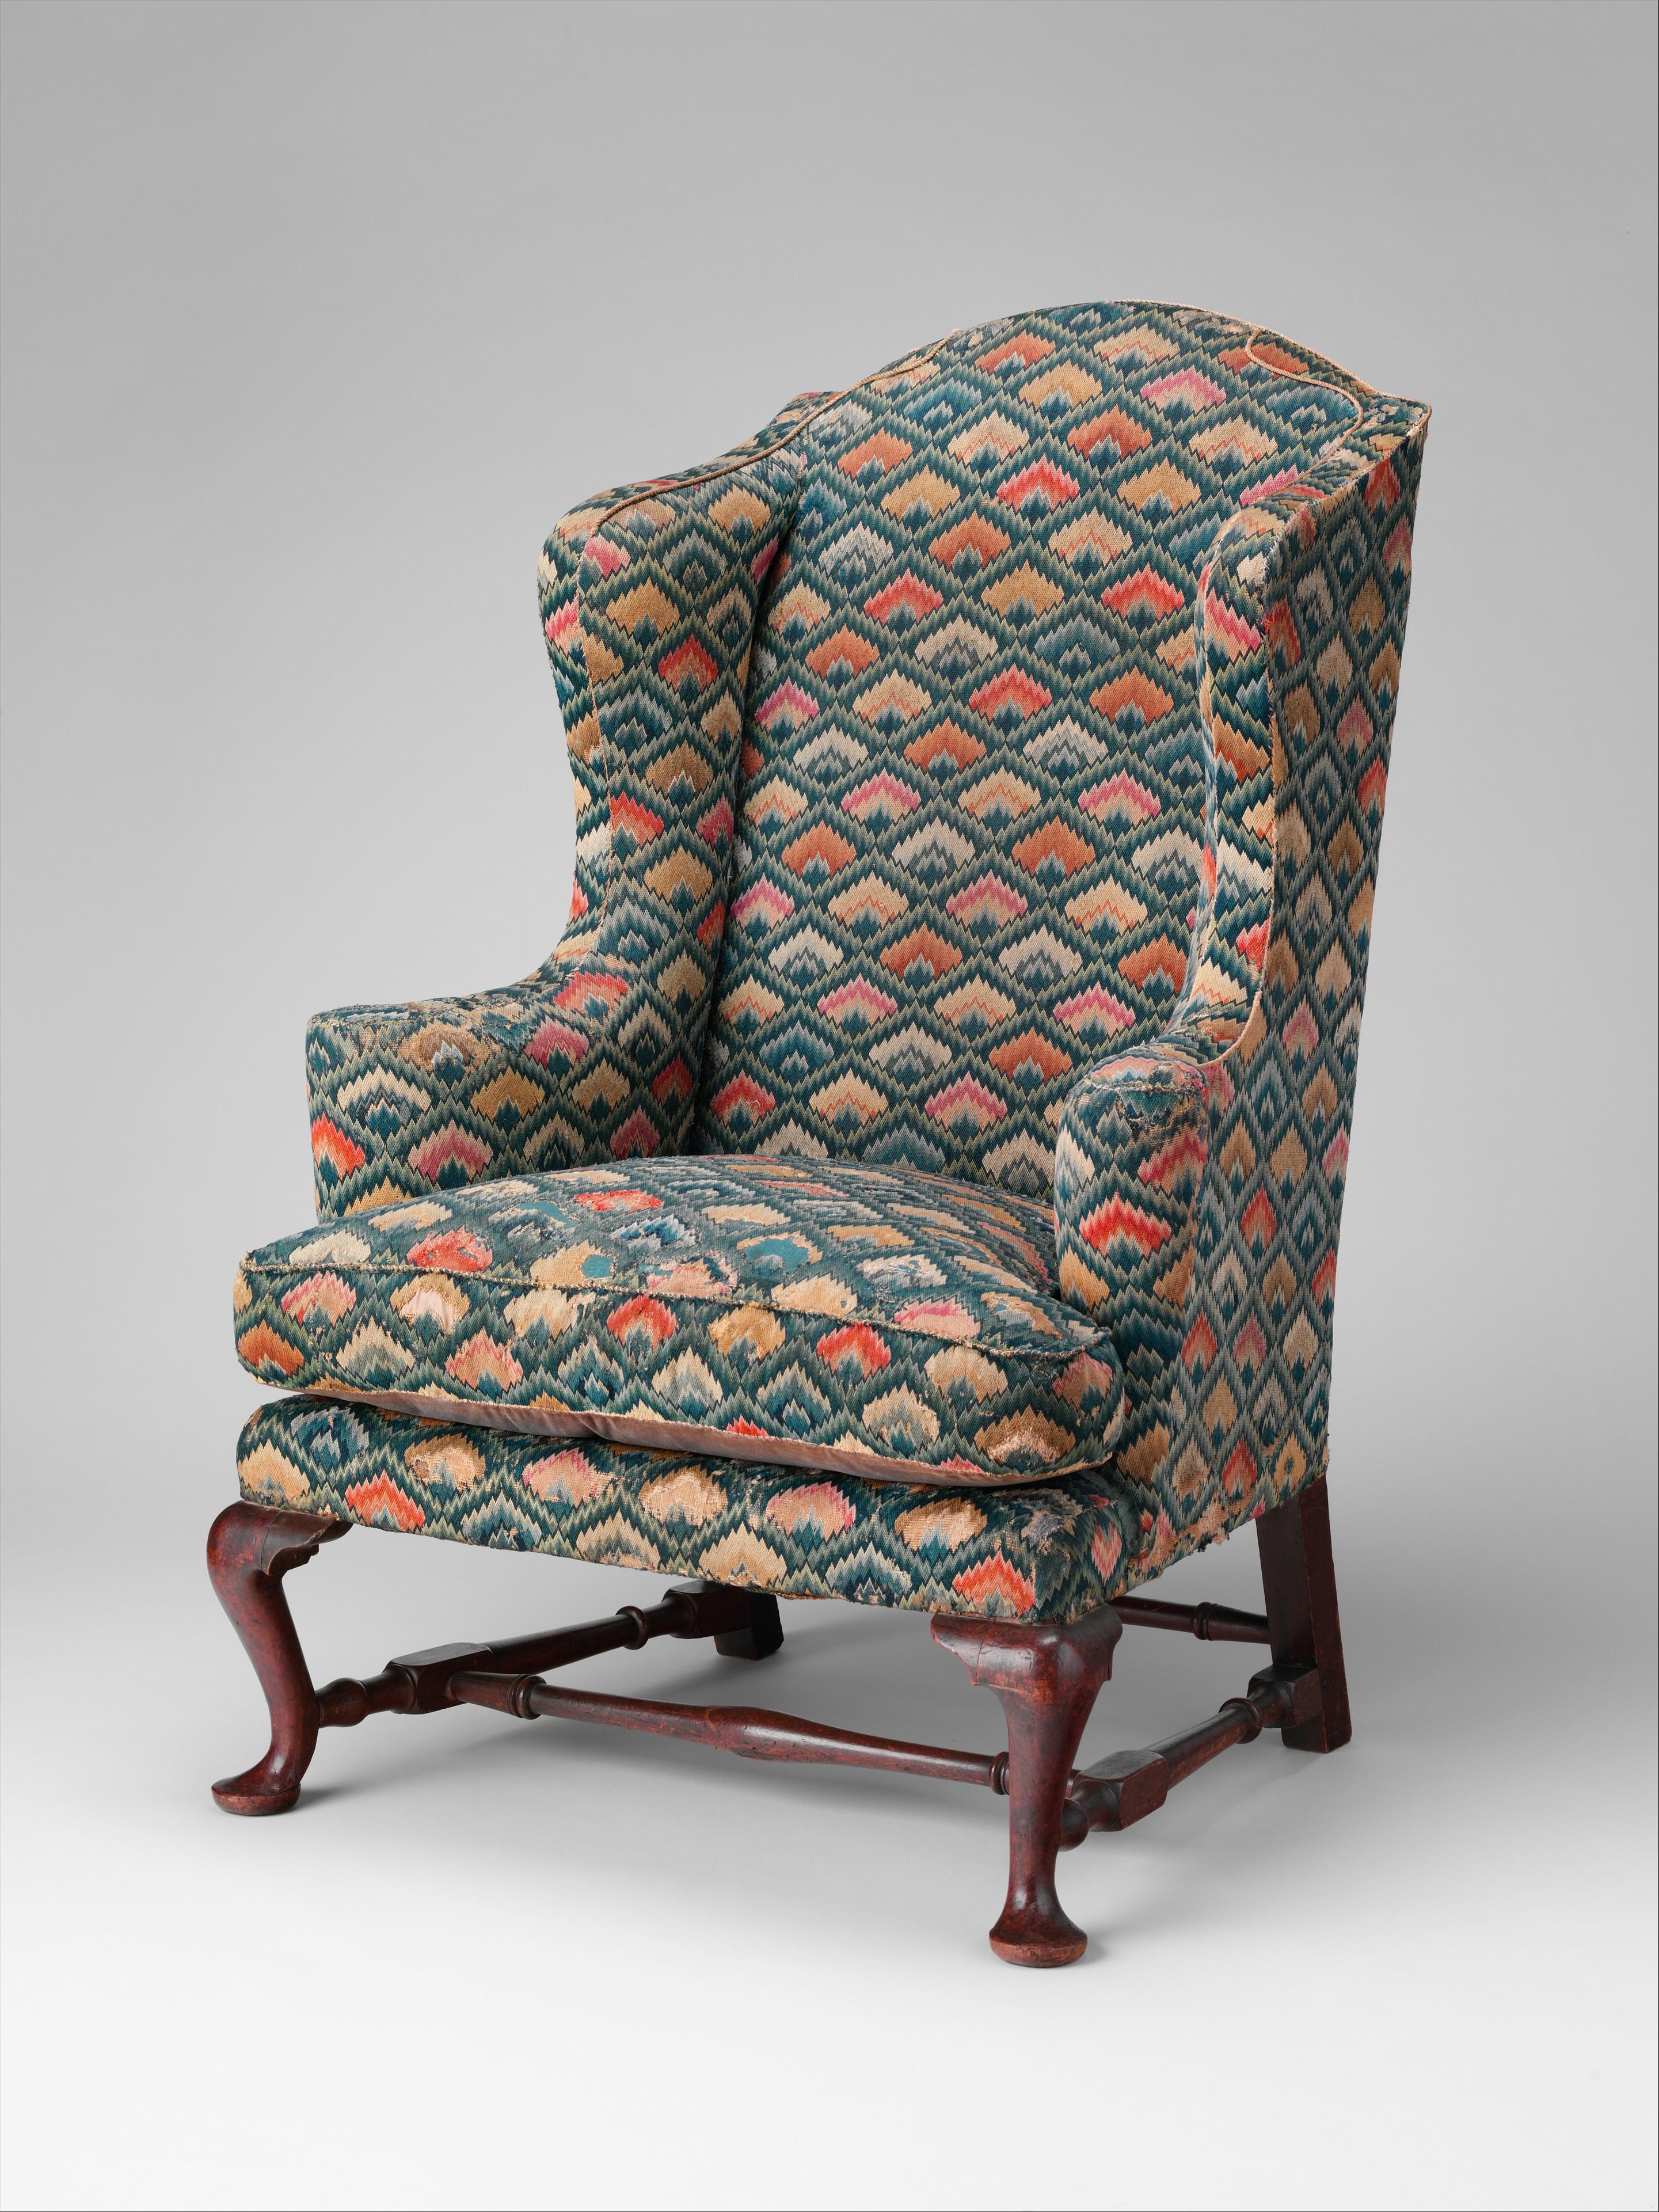 buy easy chair online revolving repair in indore caleb gardner american the met